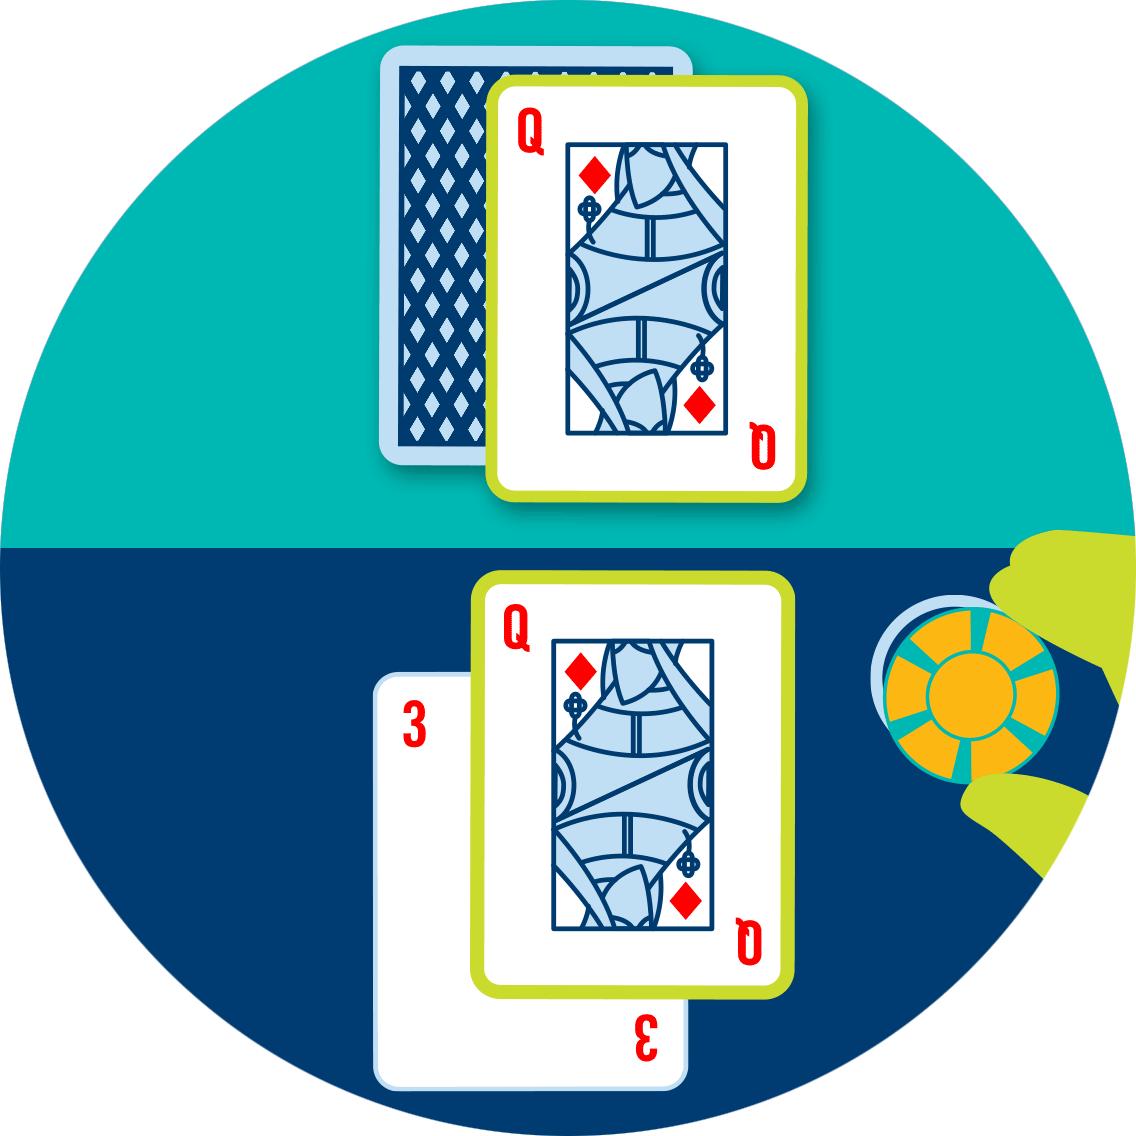 一叠筹码被放在配对发牌官的投注区。